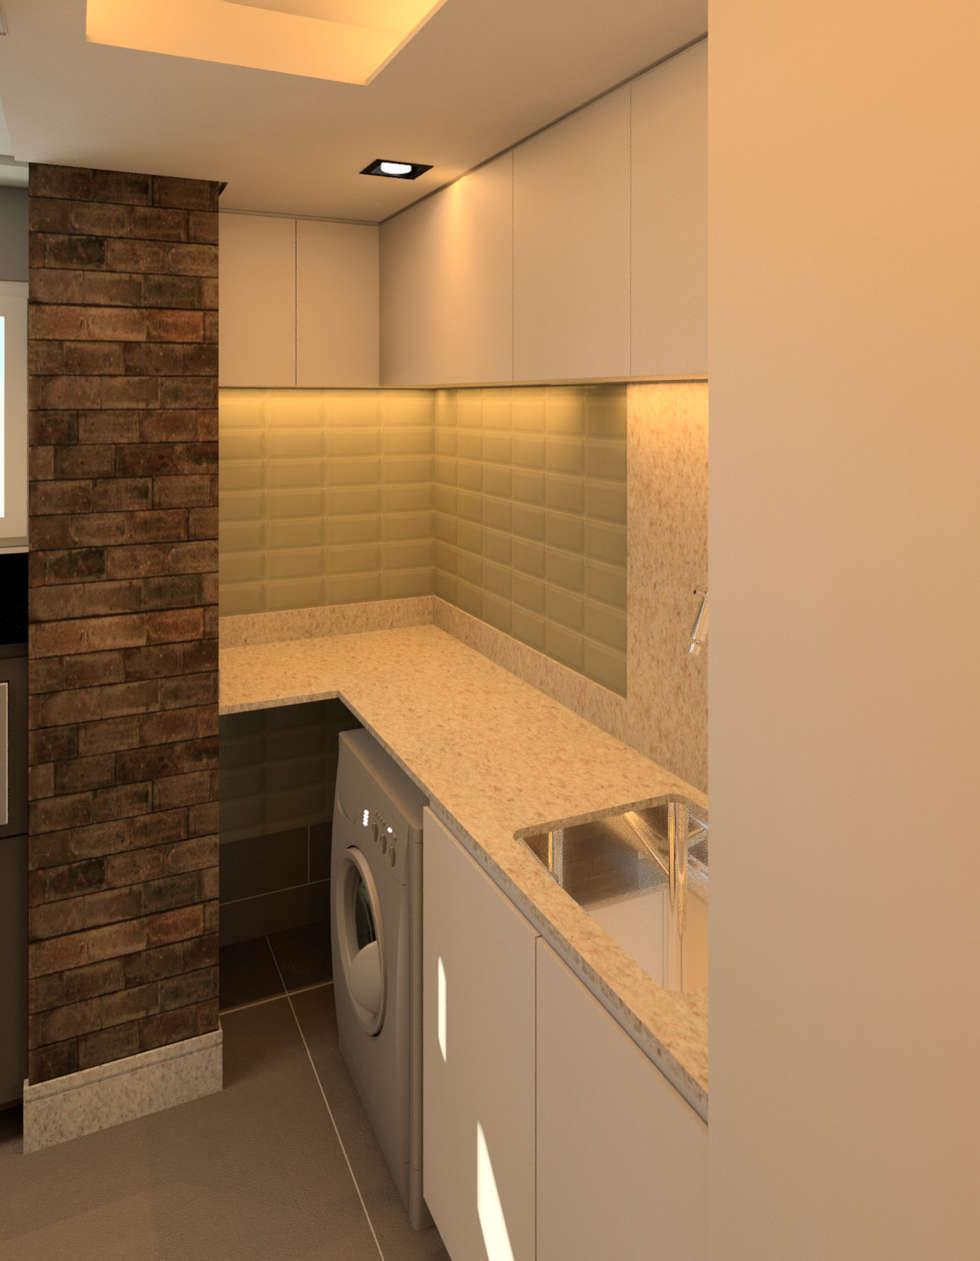 Cozinhas Clean E Modernas Muito Cozinha Moderna Clean E Bem